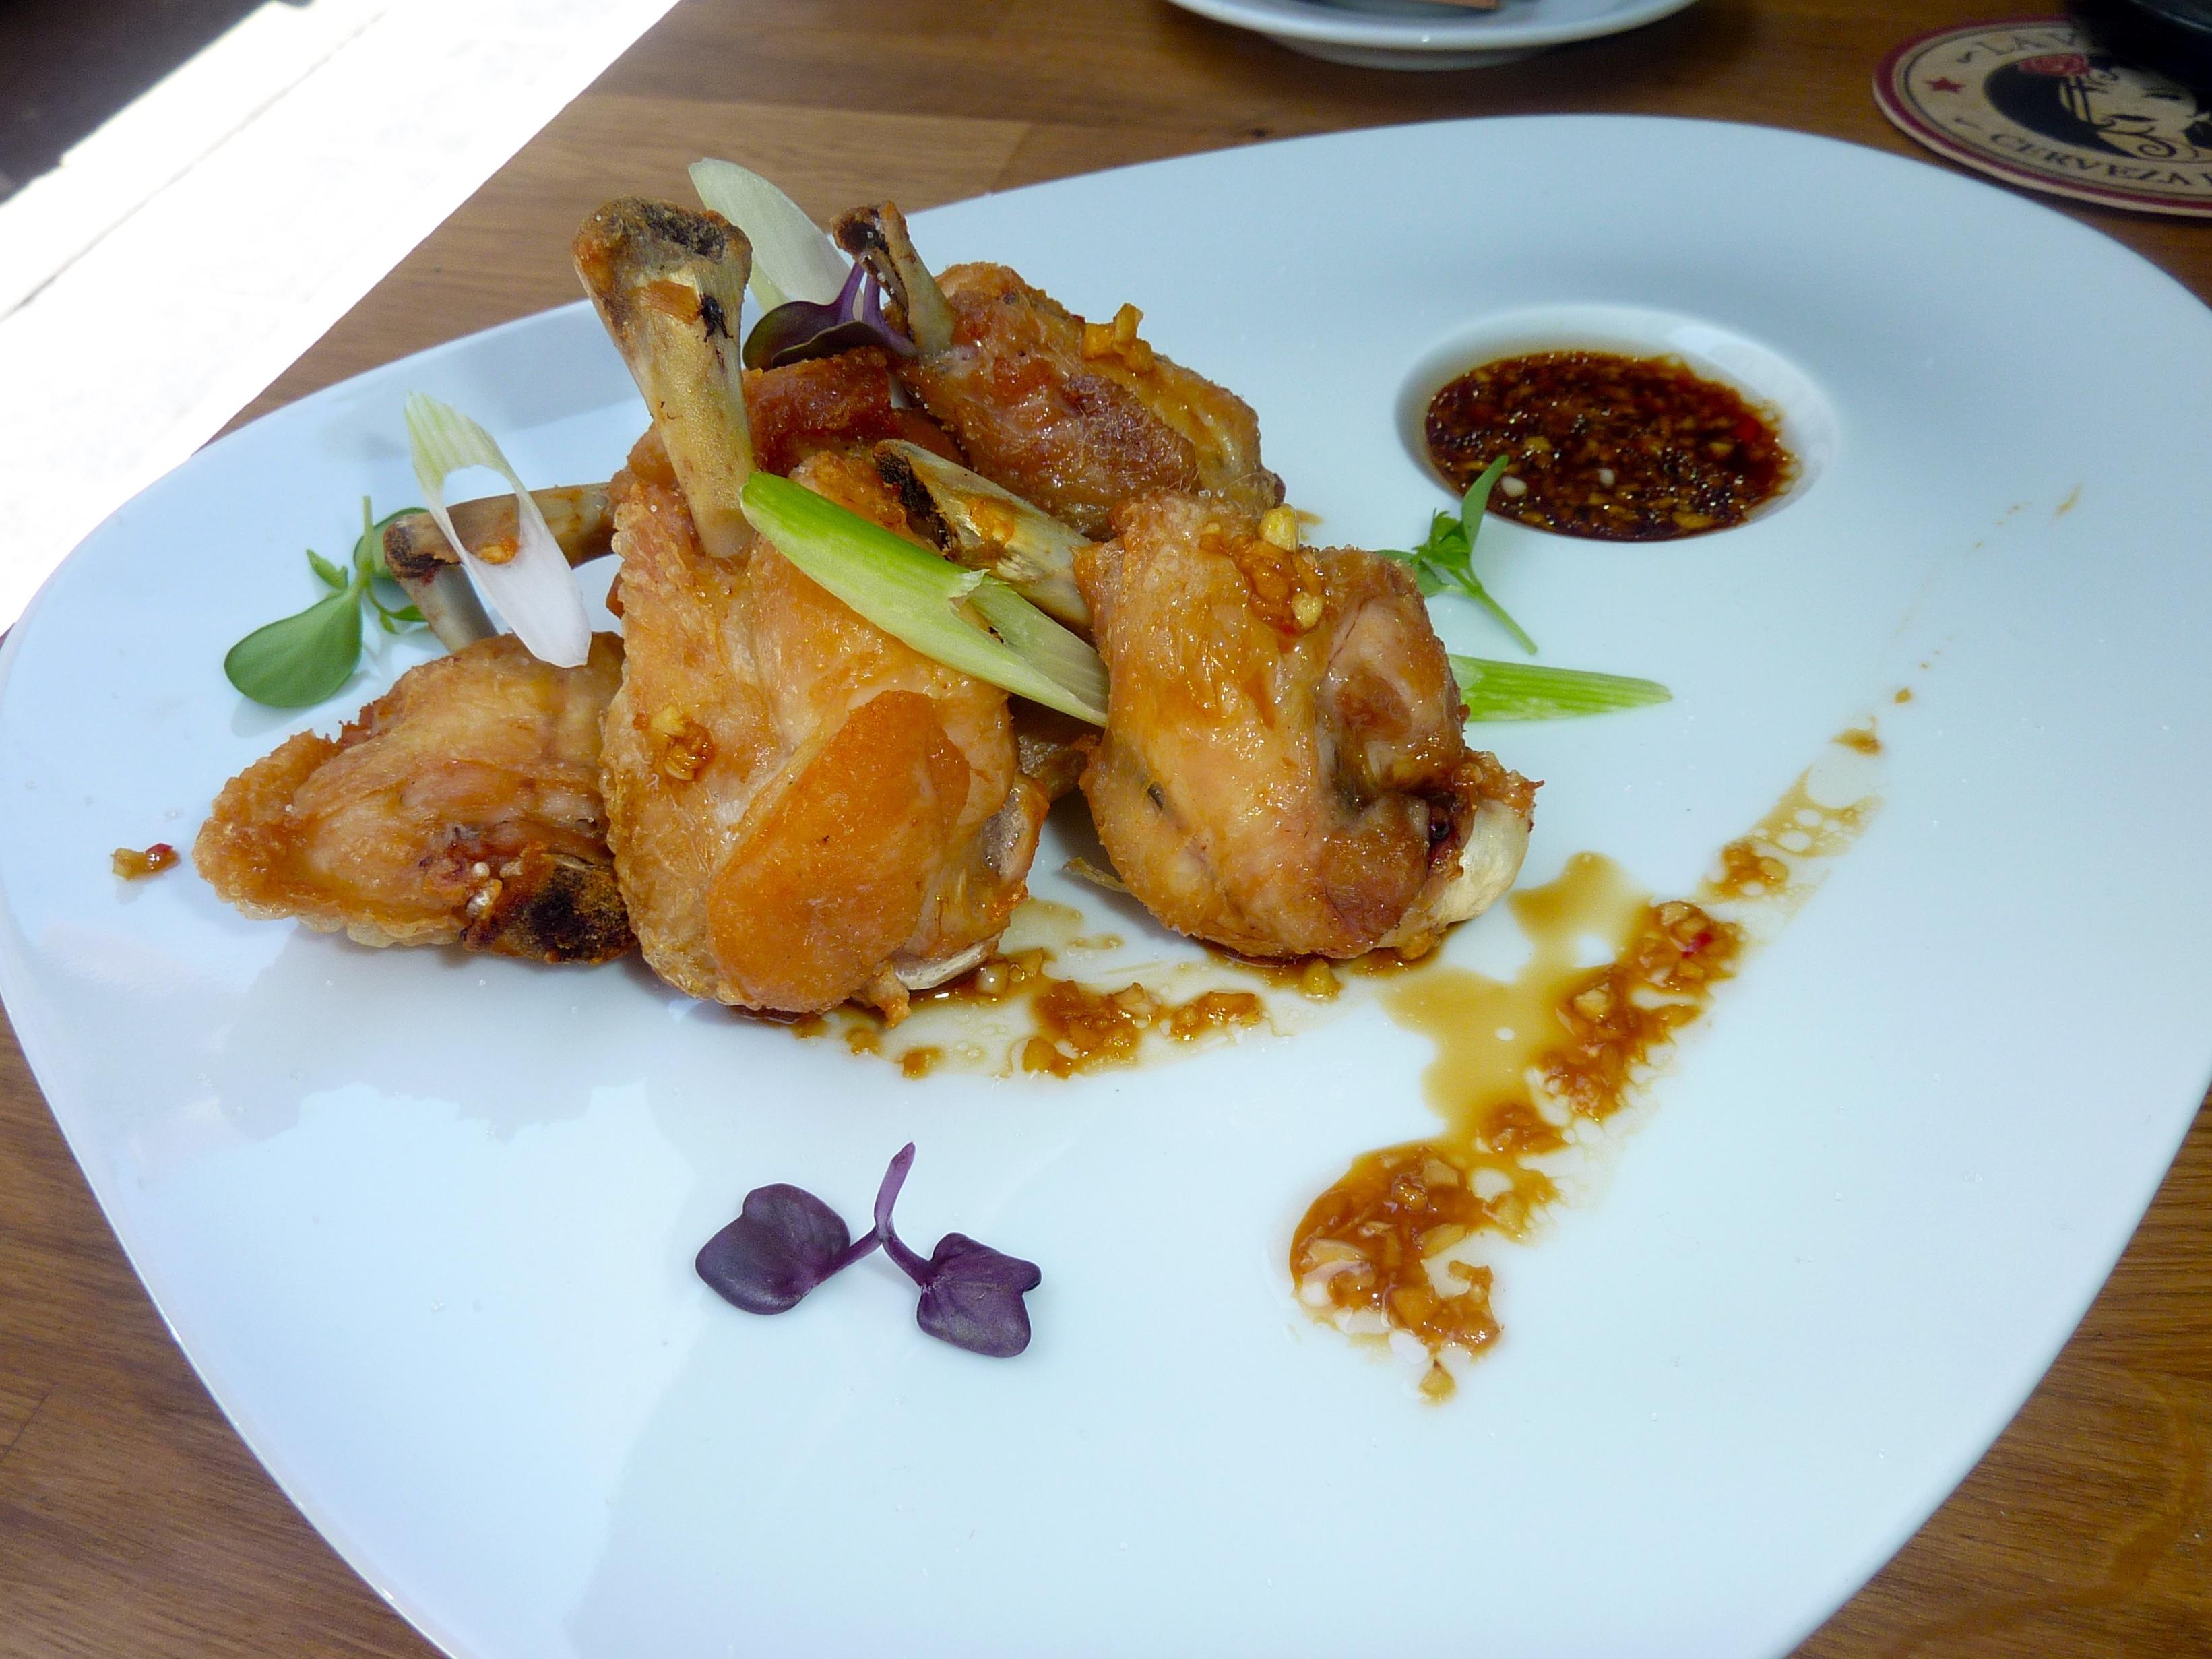 Los primeros platos de pollo momofuku con salsa octo - Platos con pechuga de pollo ...